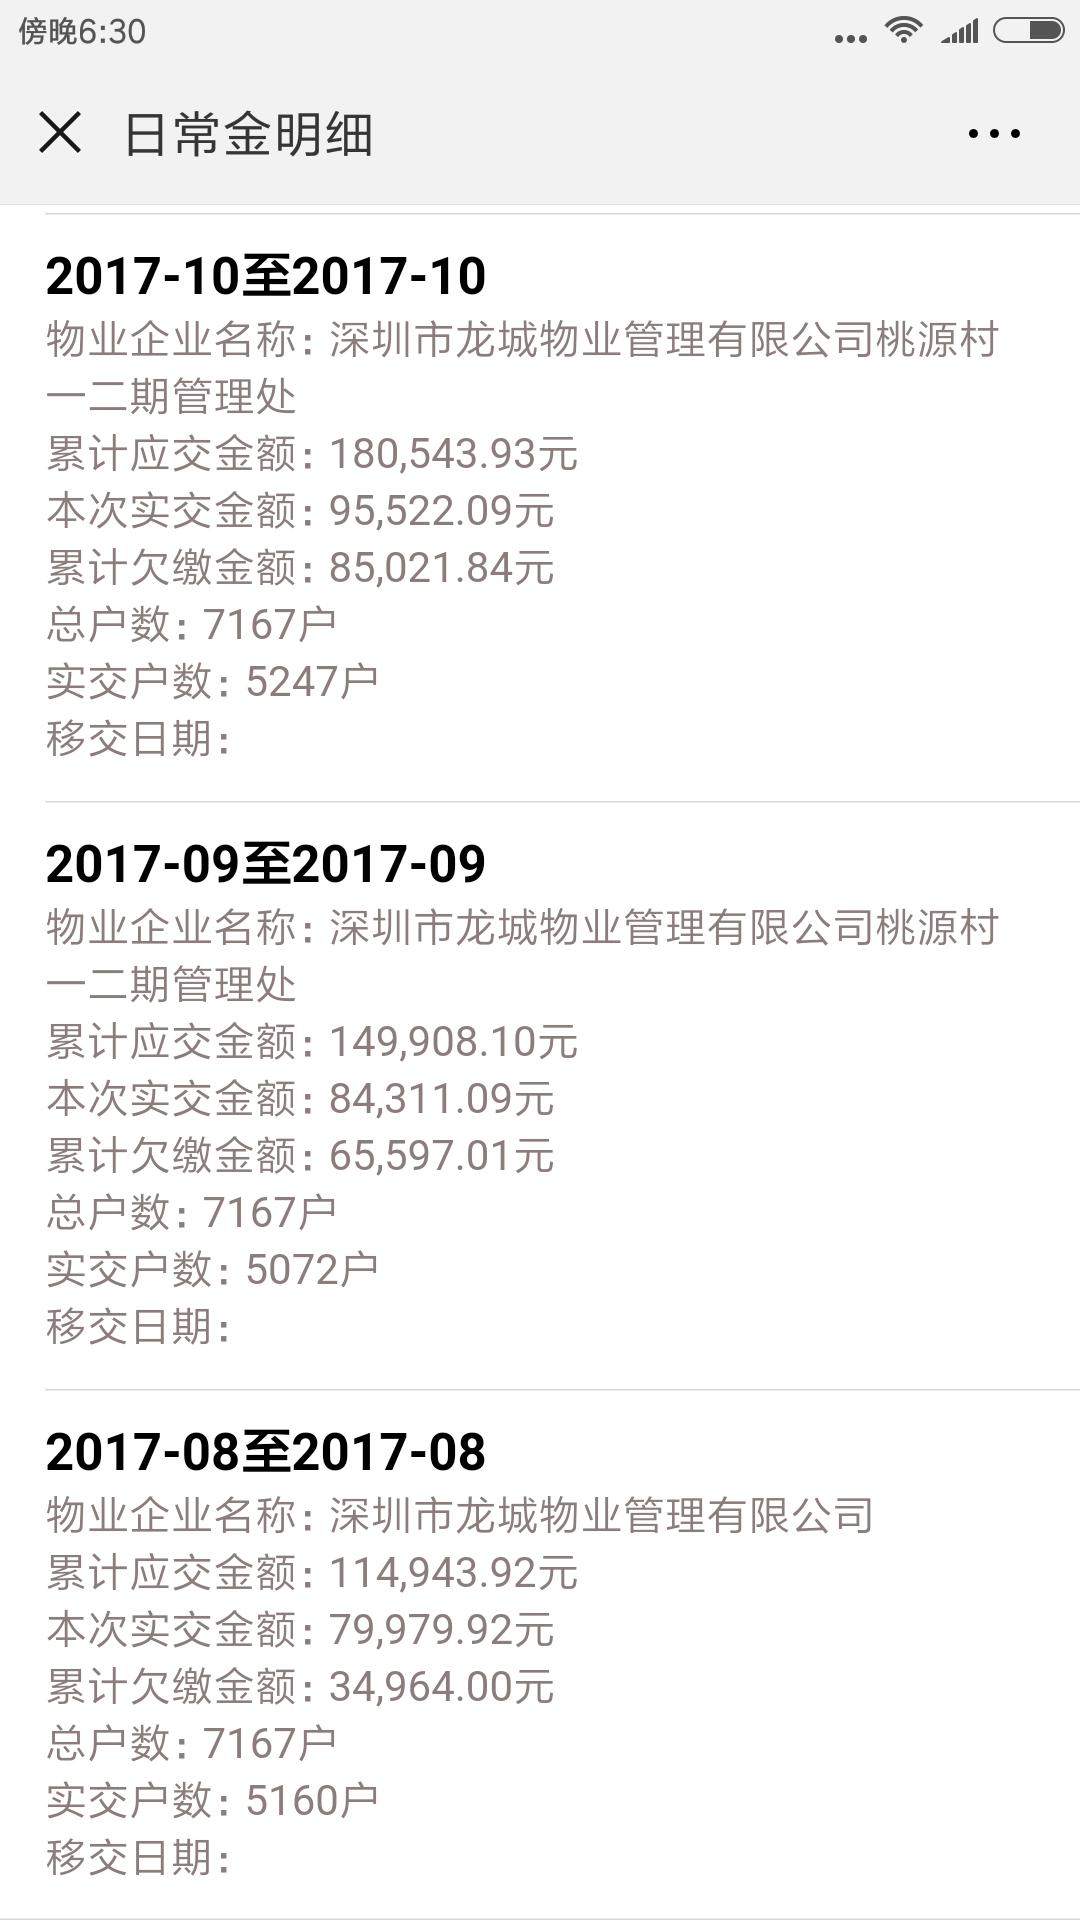 Screenshot_2018-08-26-18-30-17-642_com.tencent.mm.png